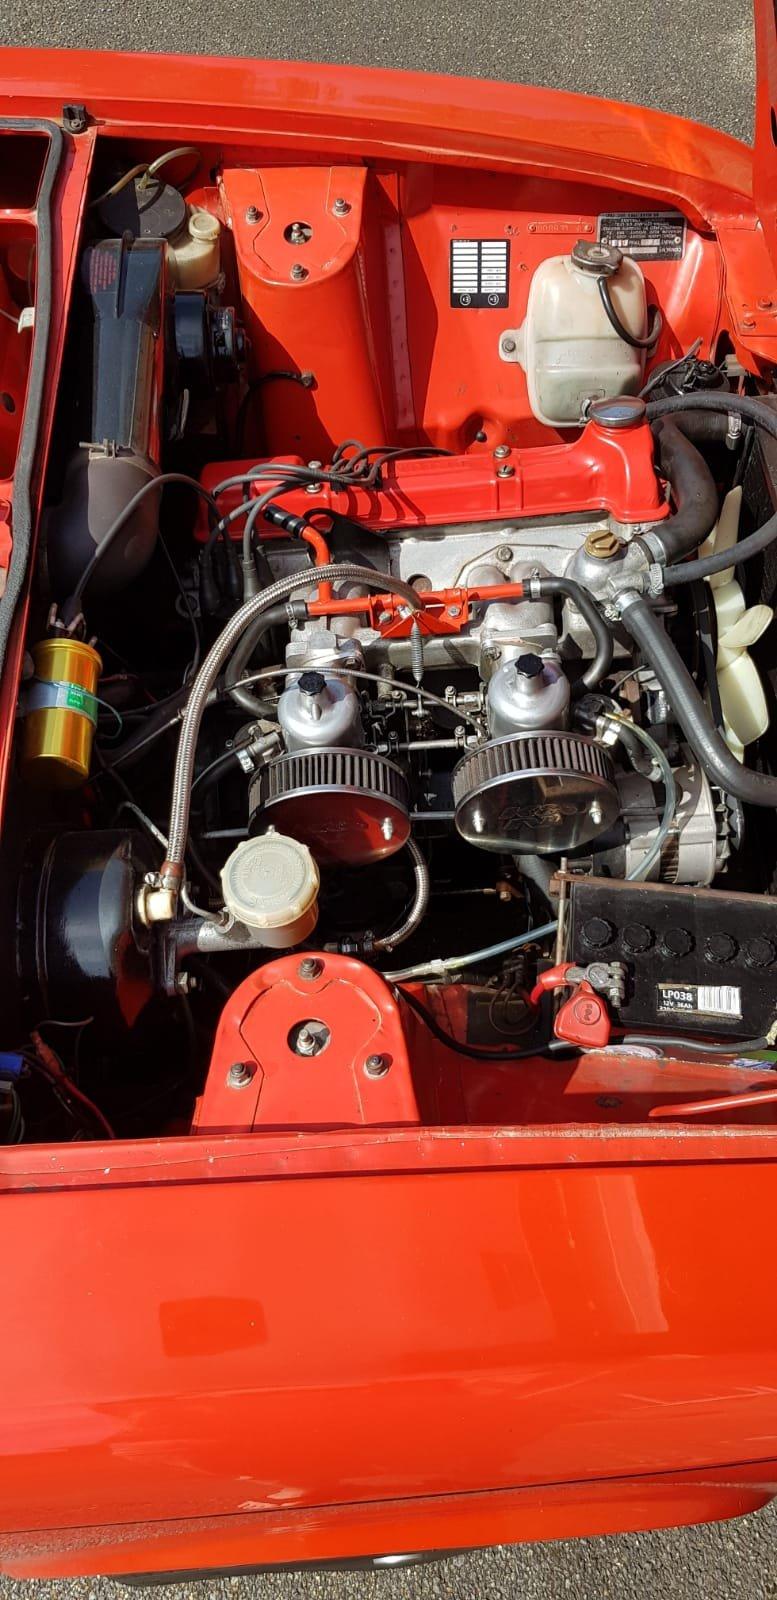 1976 Triumph Dolomite 1850hl For Sale (picture 3 of 6)